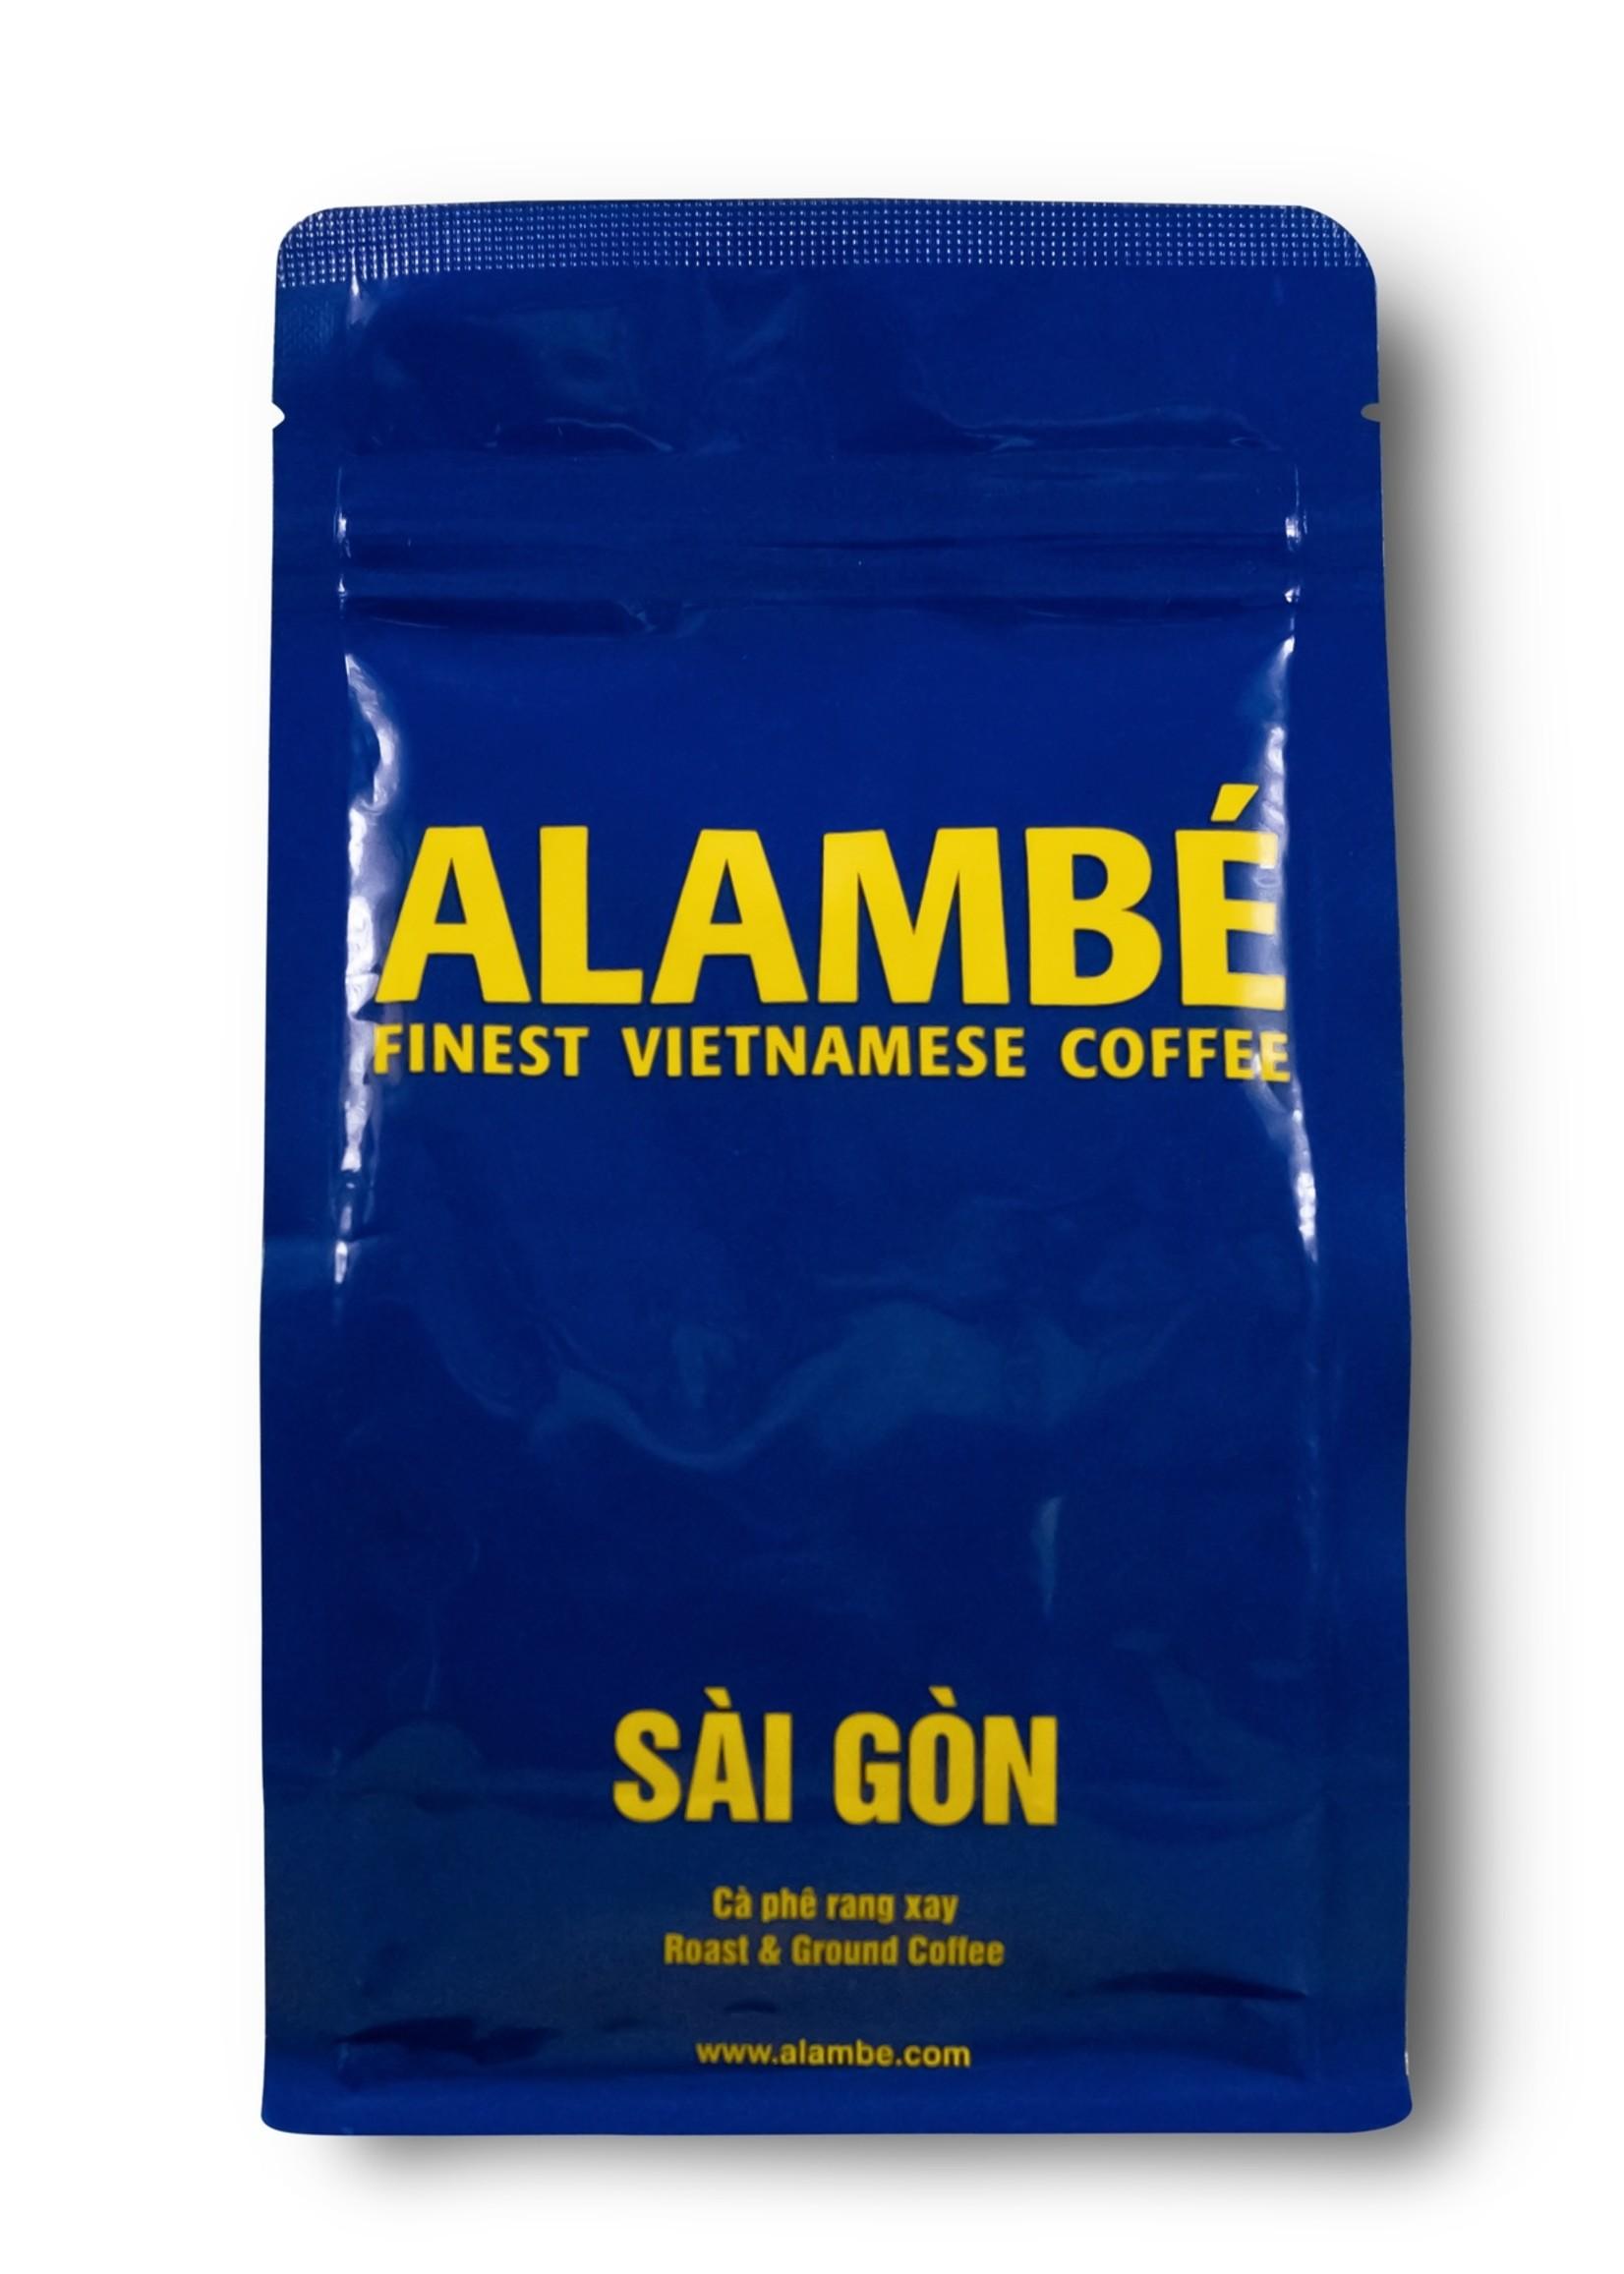 Alambé - Finest Vietnamese Coffee Sai Gon - Mélange de maisons à la vietnamienne (230g café en grains)